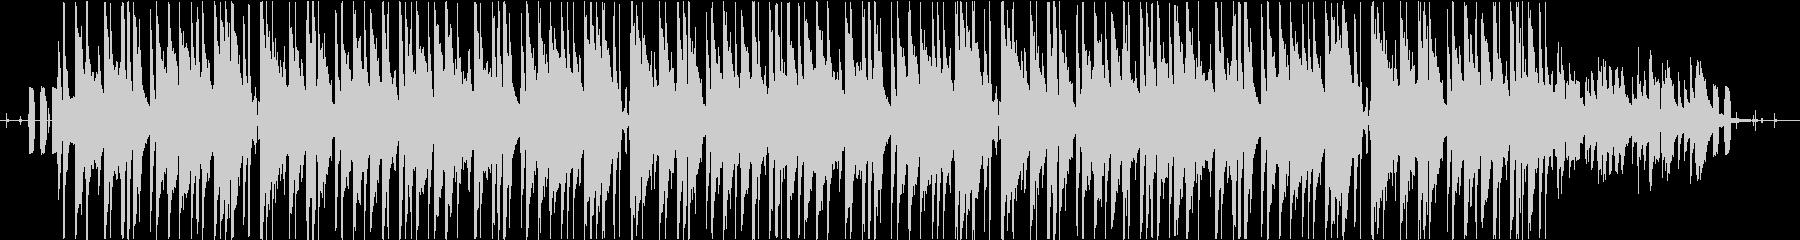 メランコリックなローファイ・チルの未再生の波形